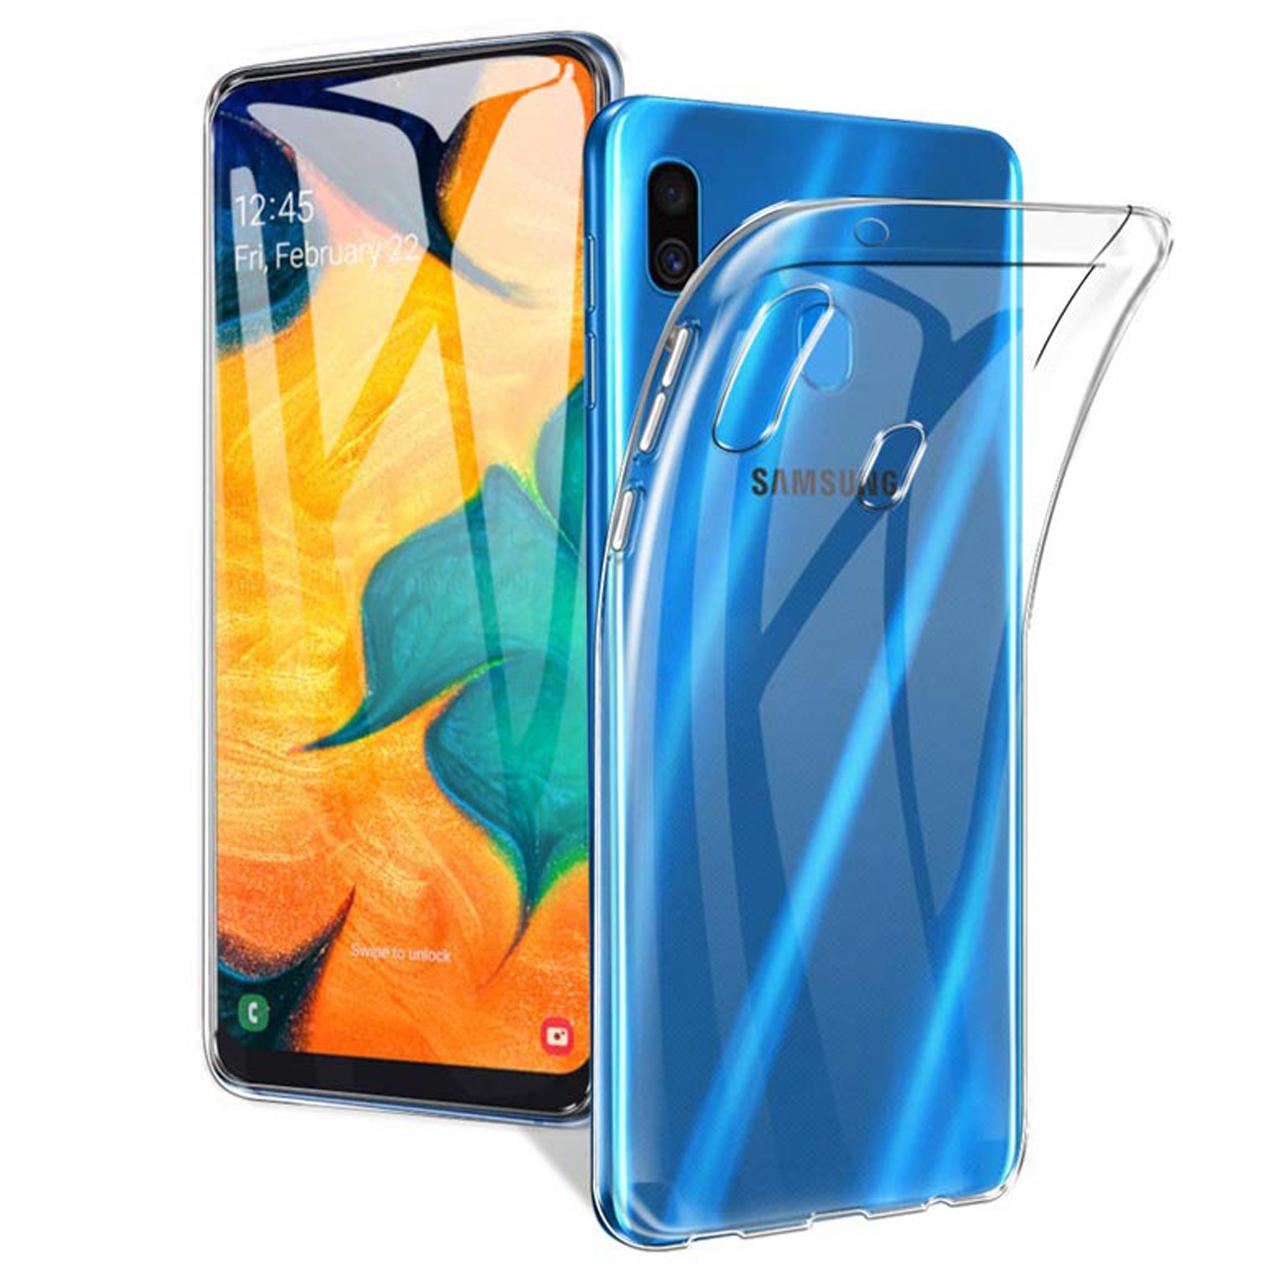 کاور مدل je04 مناسب برای گوشی موبایل سامسونگ galaxy a30 2019